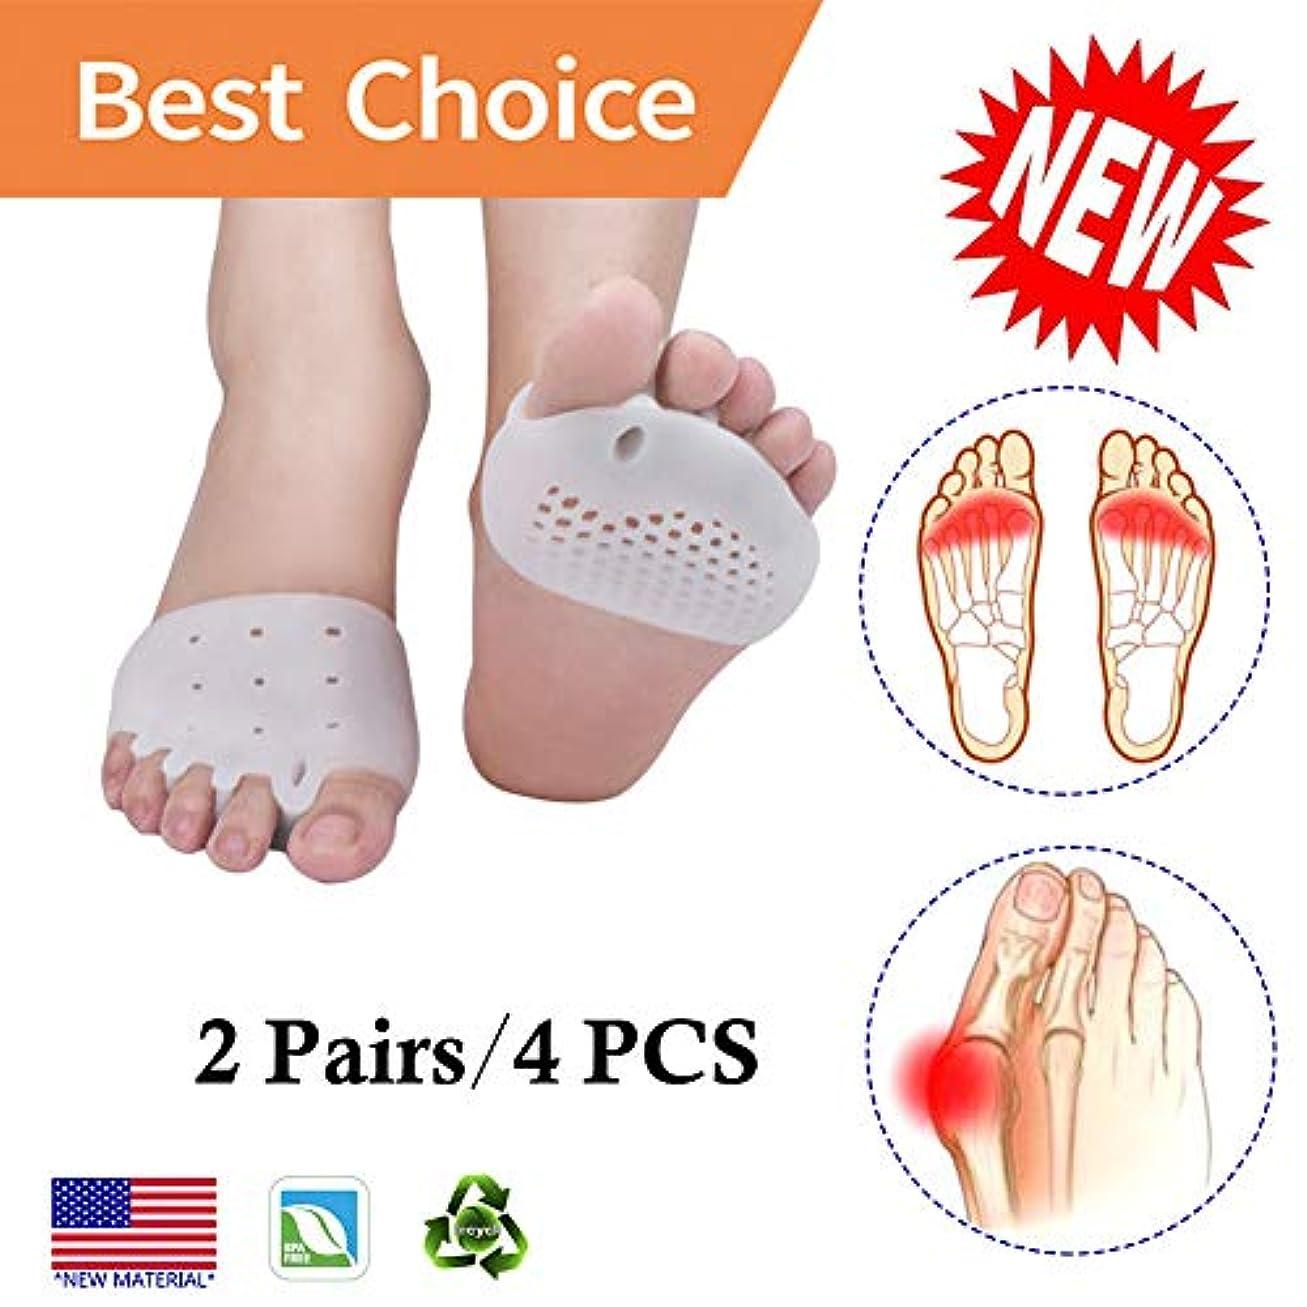 伝記戦い報奨金Pnrskter 足裏保護パッド 中足前足パッド 通気性 柔らかい ジェル 糖尿病の足に最適 カルス 水疱 前足痛 男性のための両方の足に使用することができます (白(6ピース))